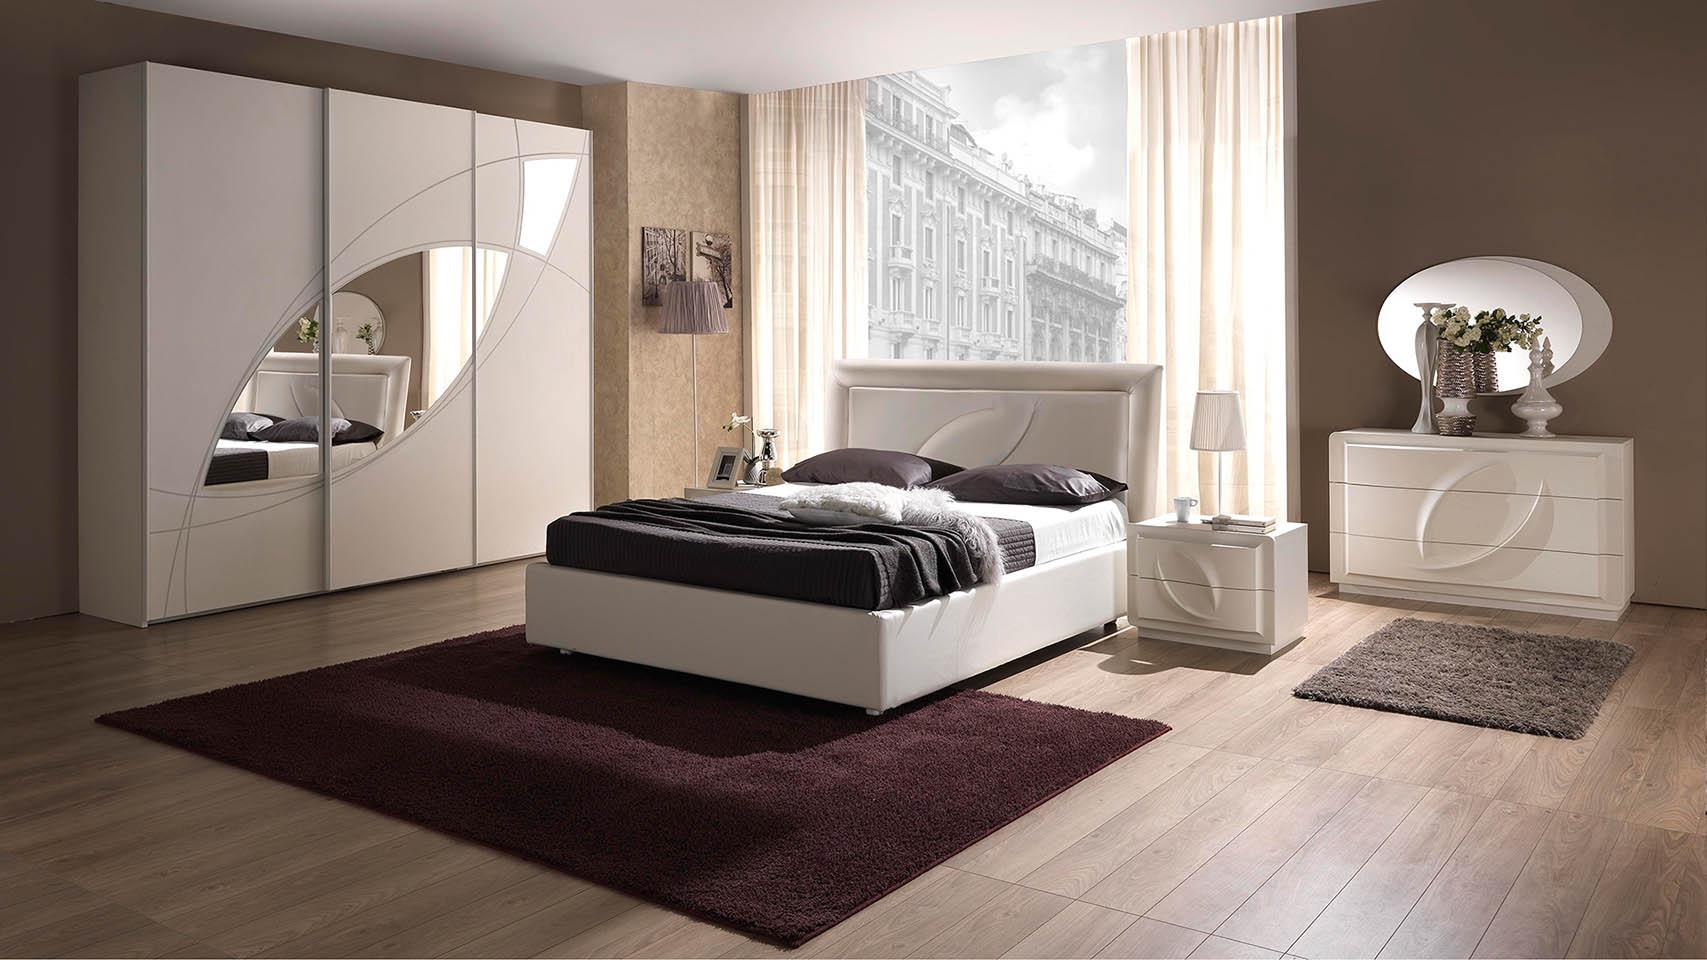 FOTO-TREVI-3A-letto-virgole